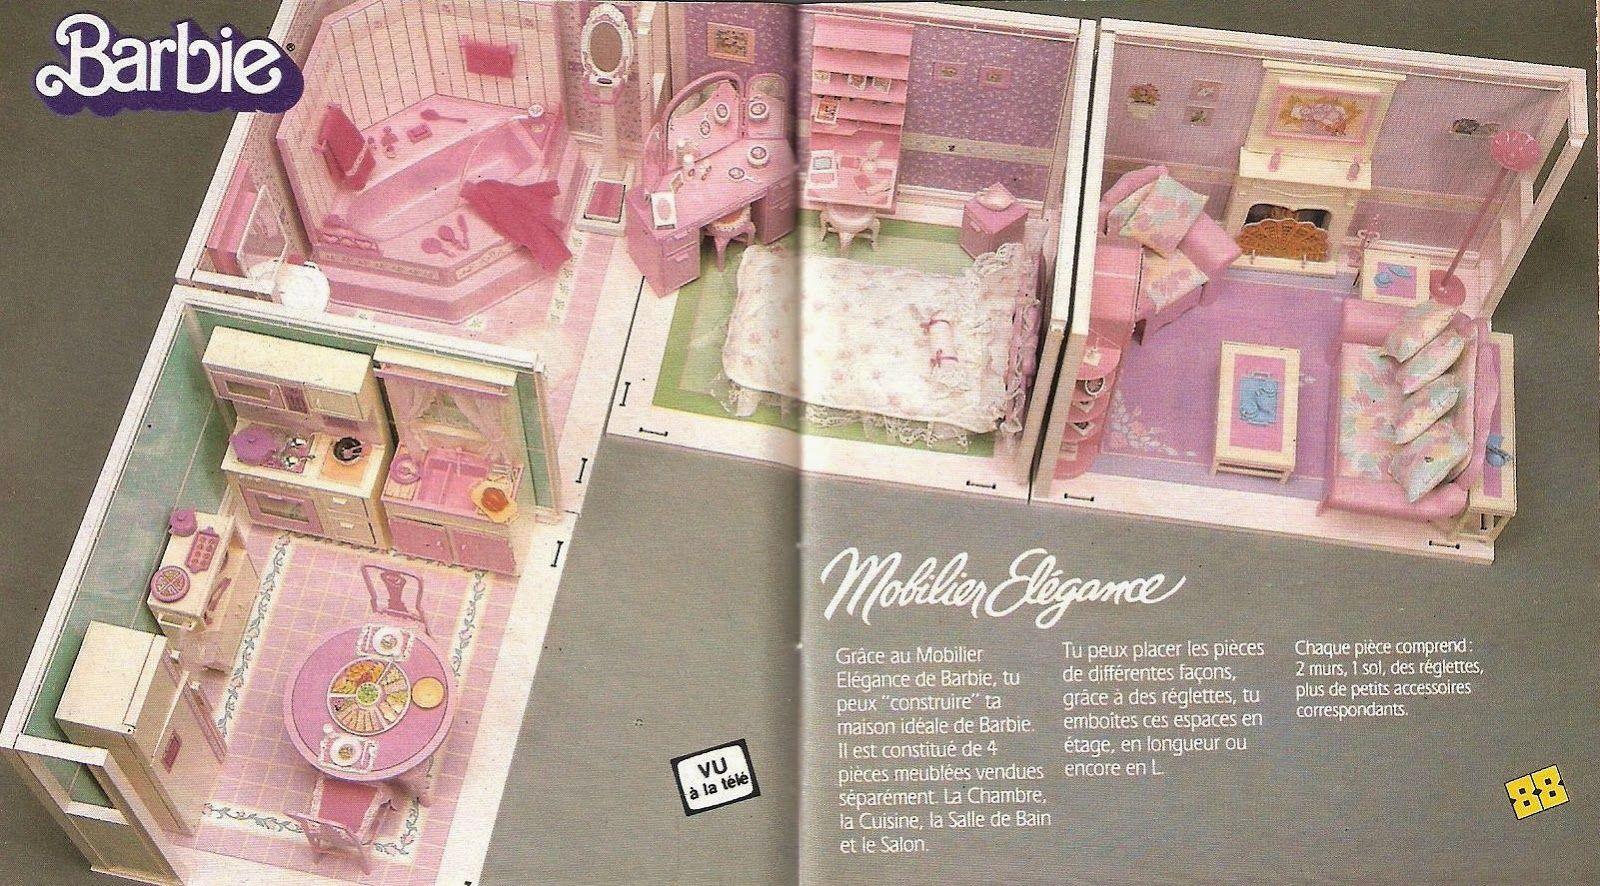 Shasarignis Barbie & Co.: Barbie 1988 / 1988 Barbie   Barbie ...